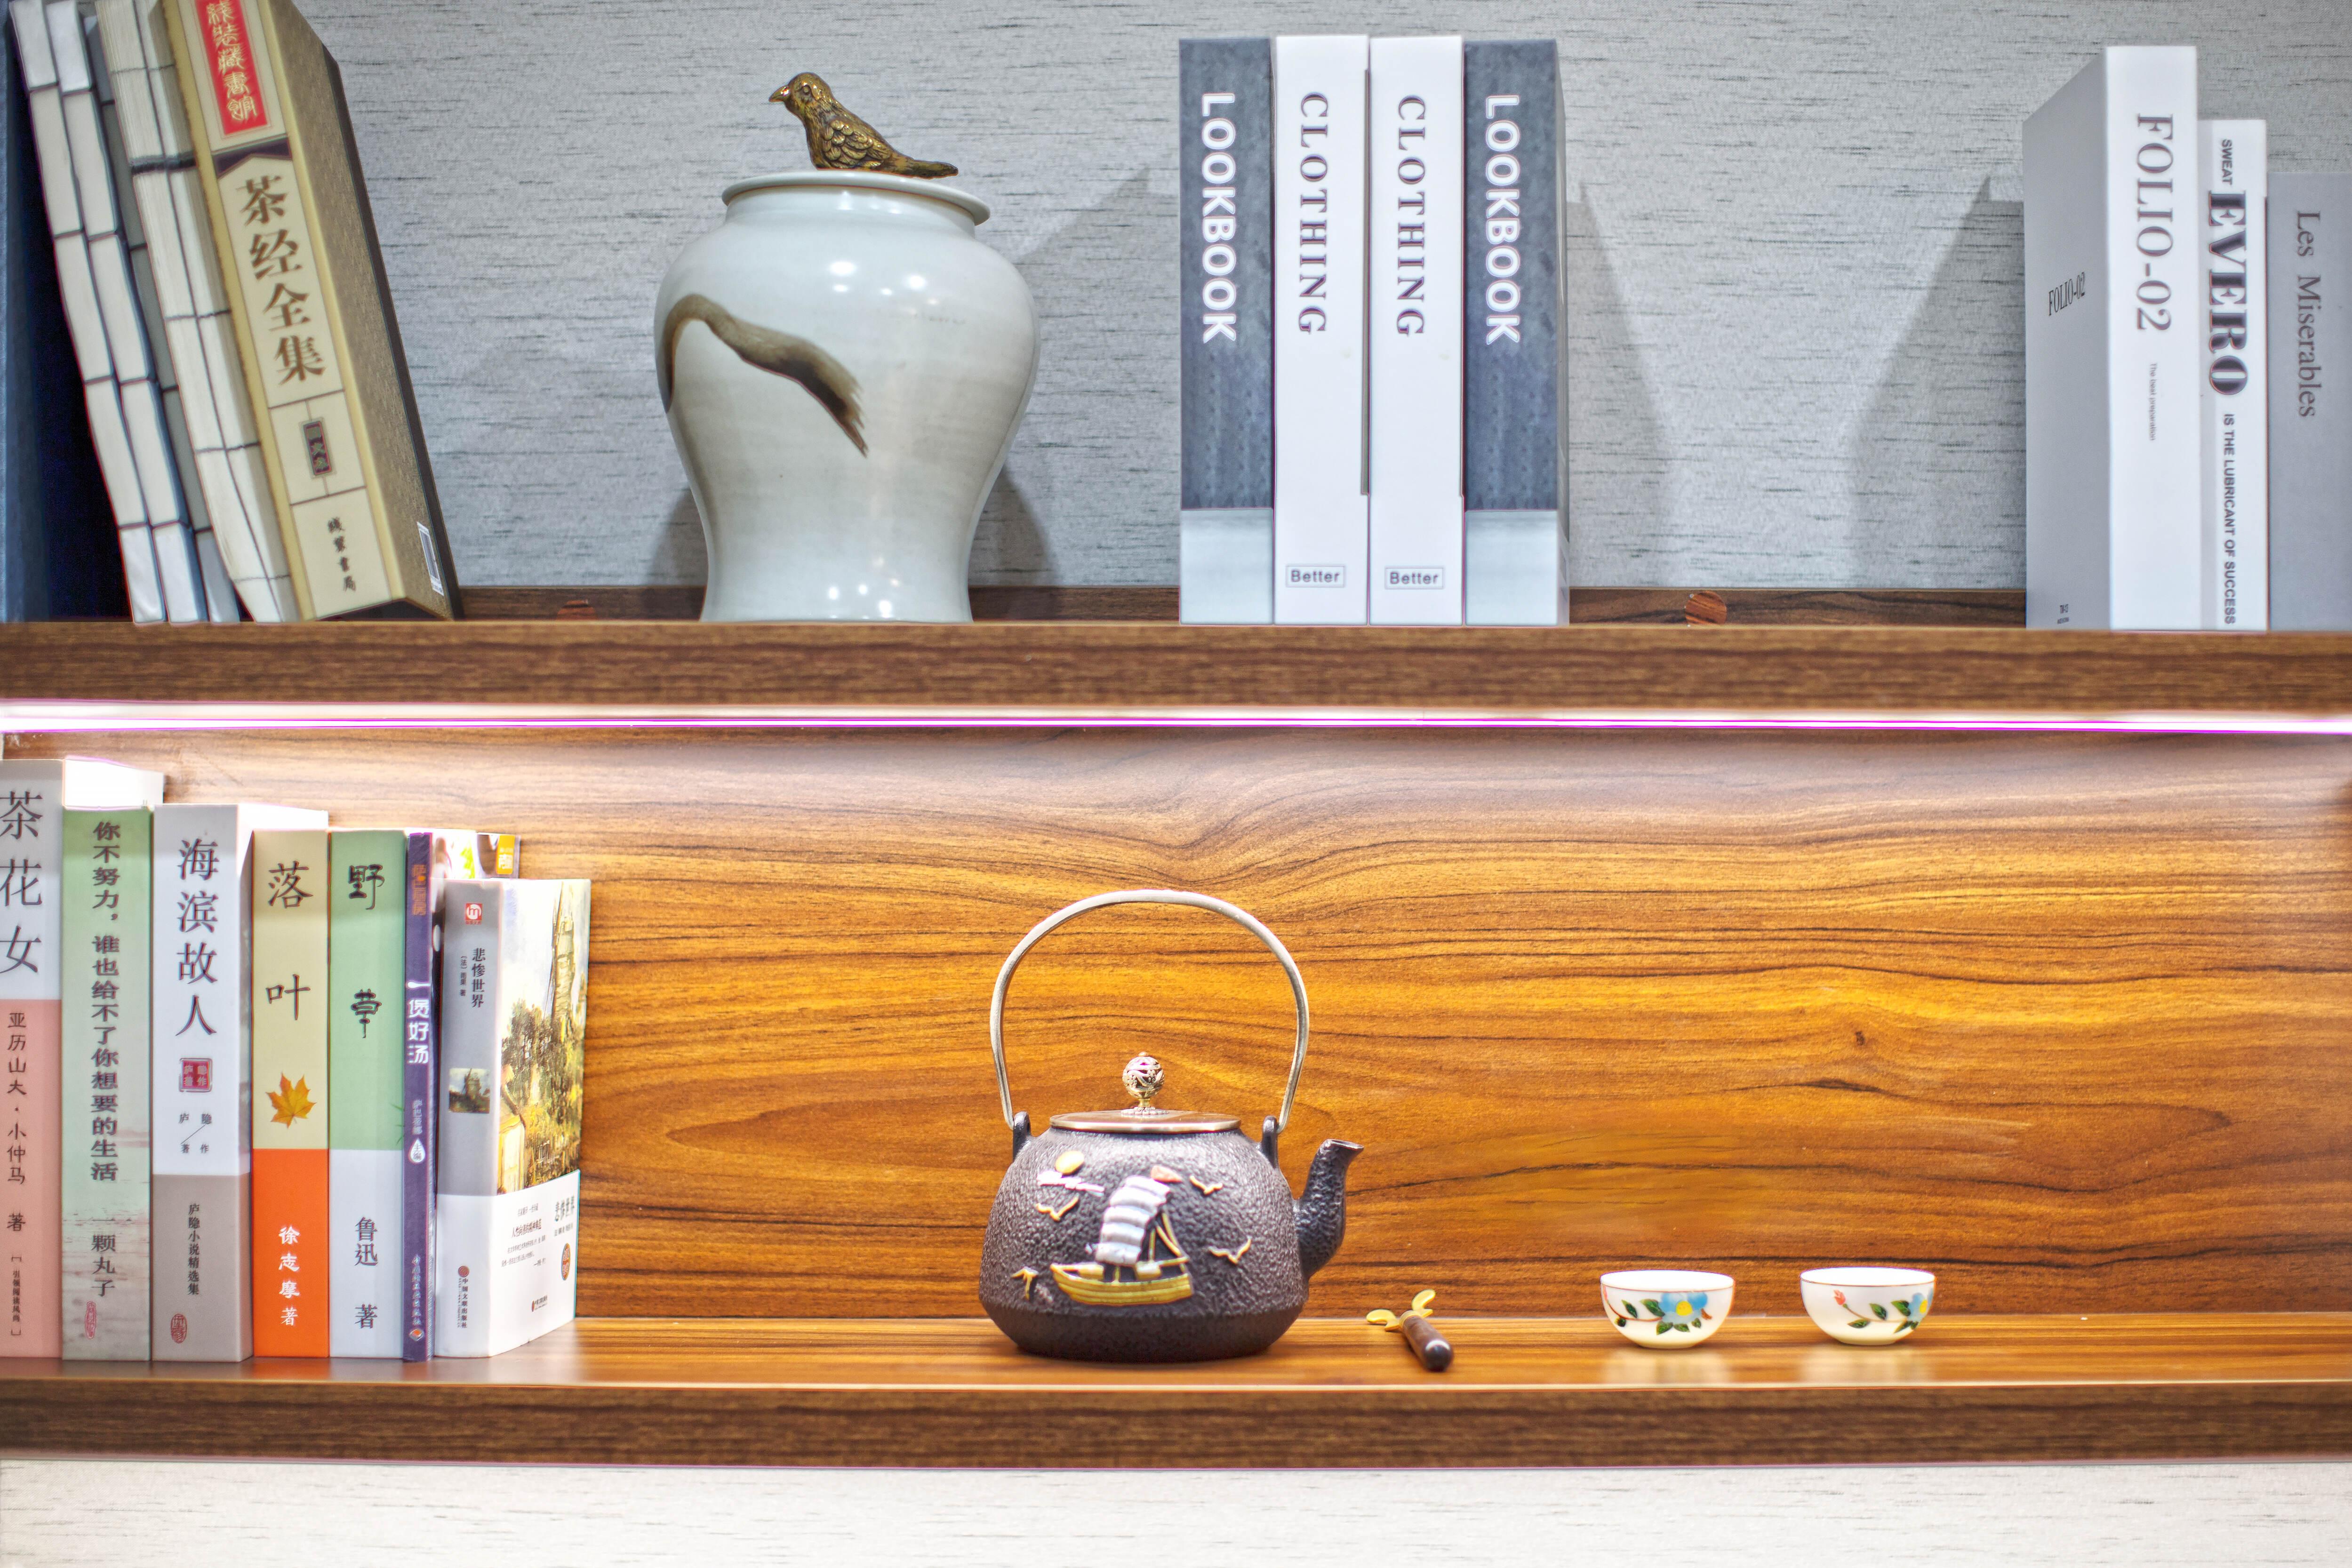 好看又耐用的书架 为家居空间增添格调